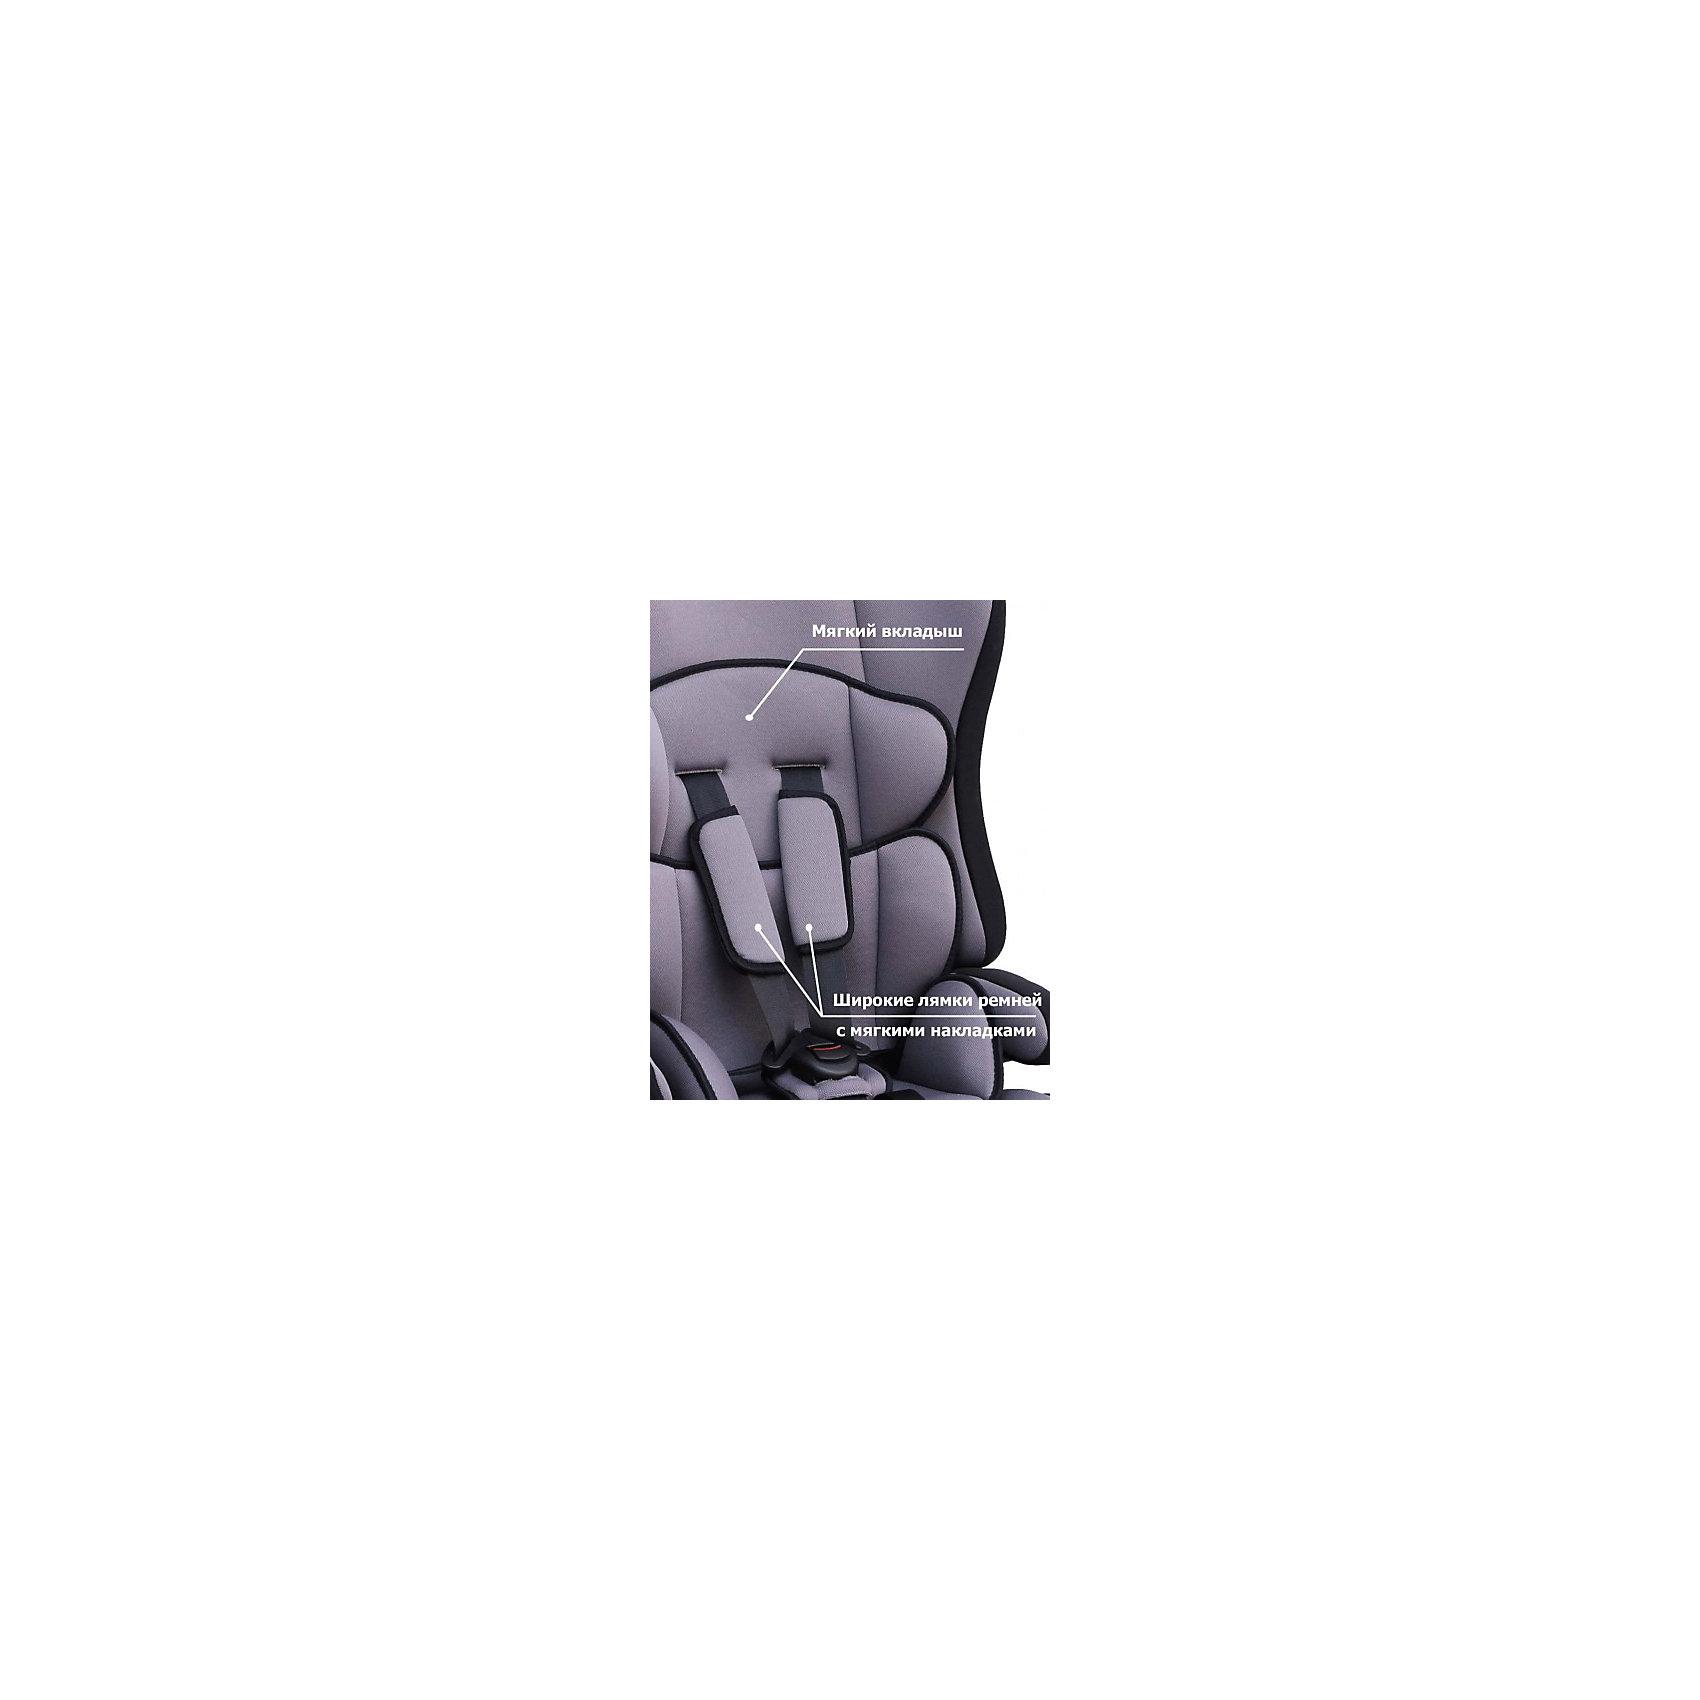 Автокресло Прайм isofix 9-36 кг., Siger, серый